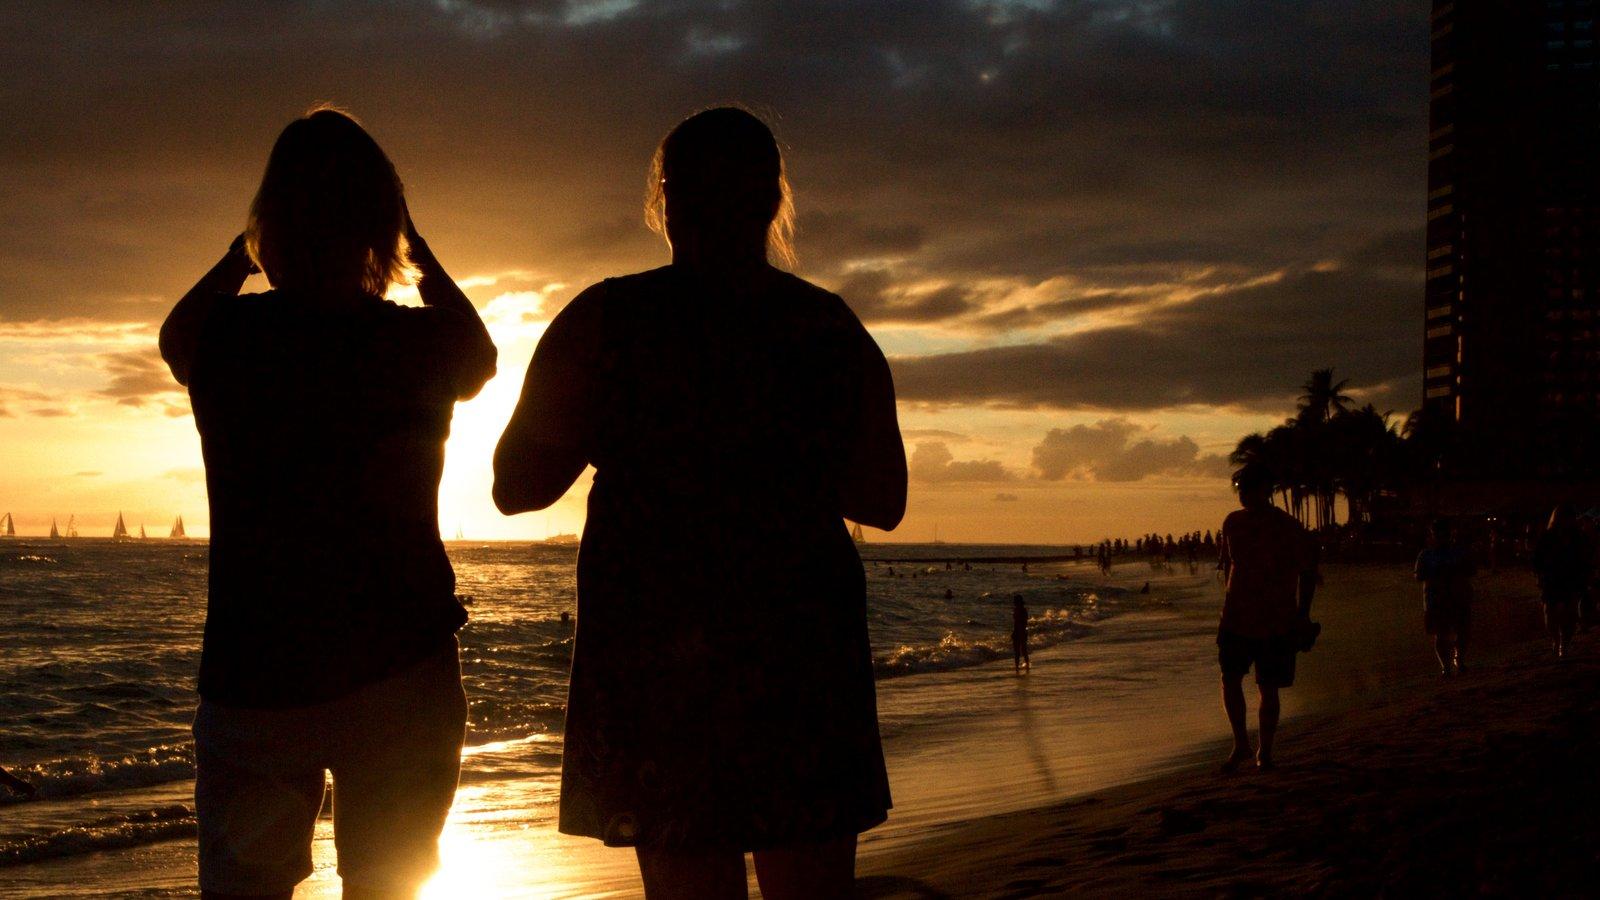 Waikiki Beach featuring general coastal views, a sandy beach and a sunset